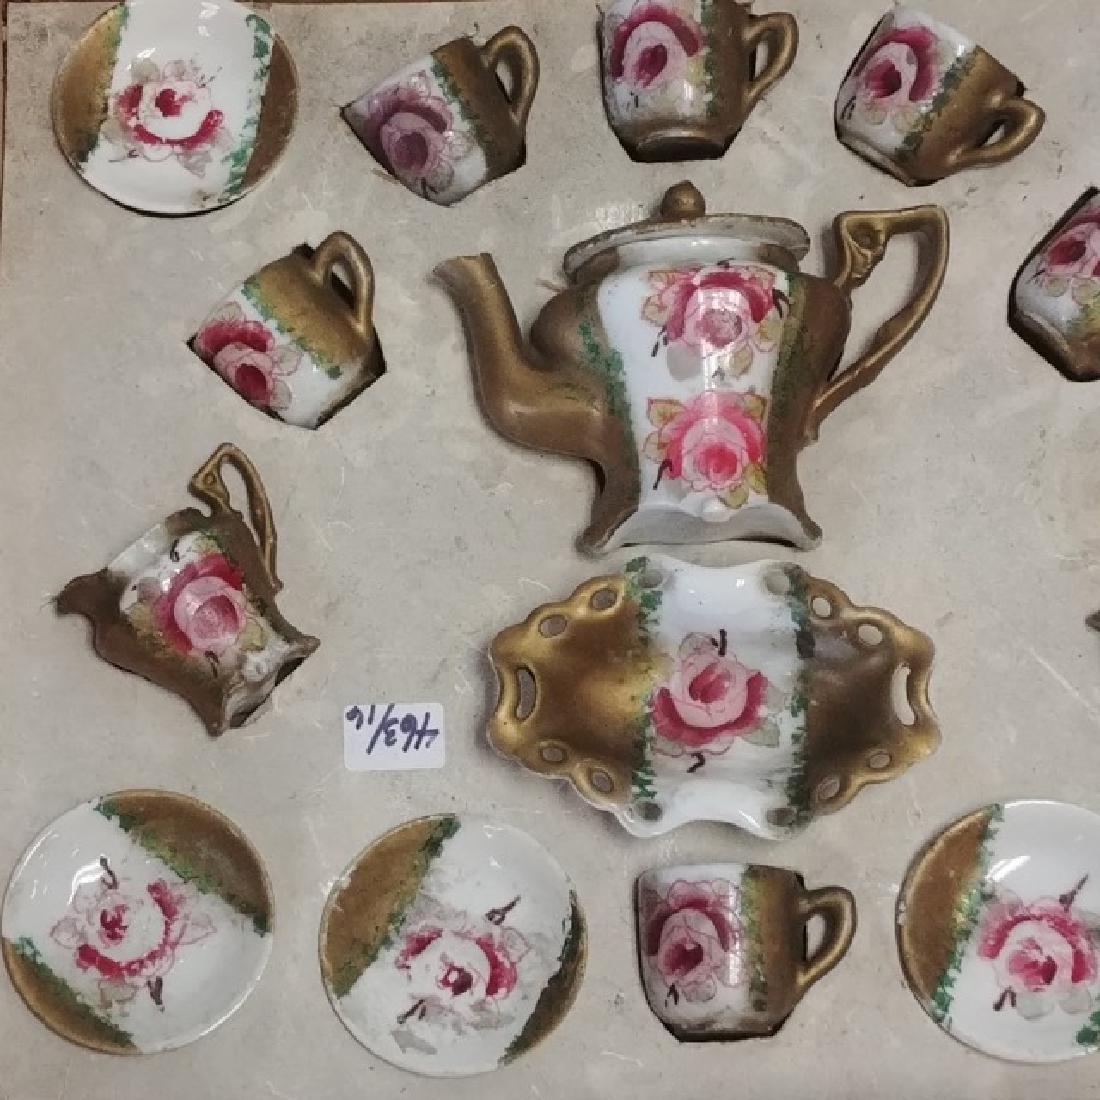 Antique Doll's Porcelain Tea Set - 2